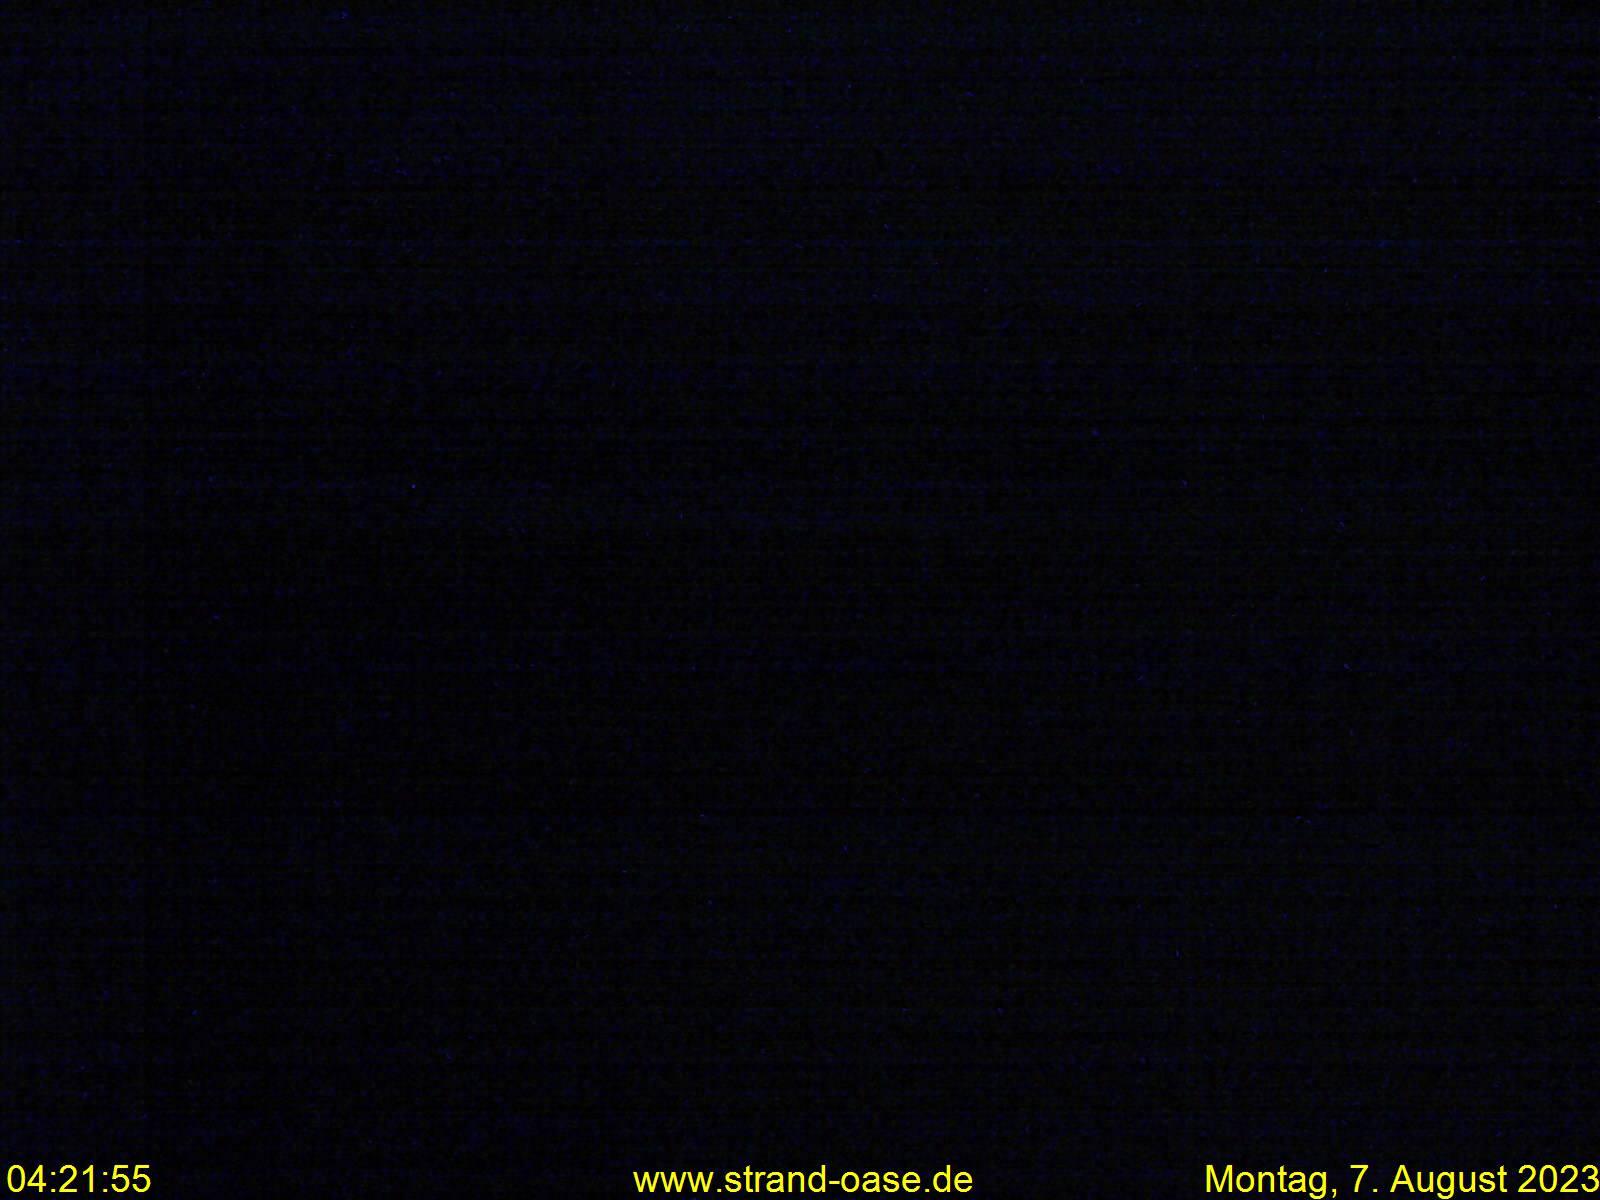 Westerland (Sylt) Sa. 04:22